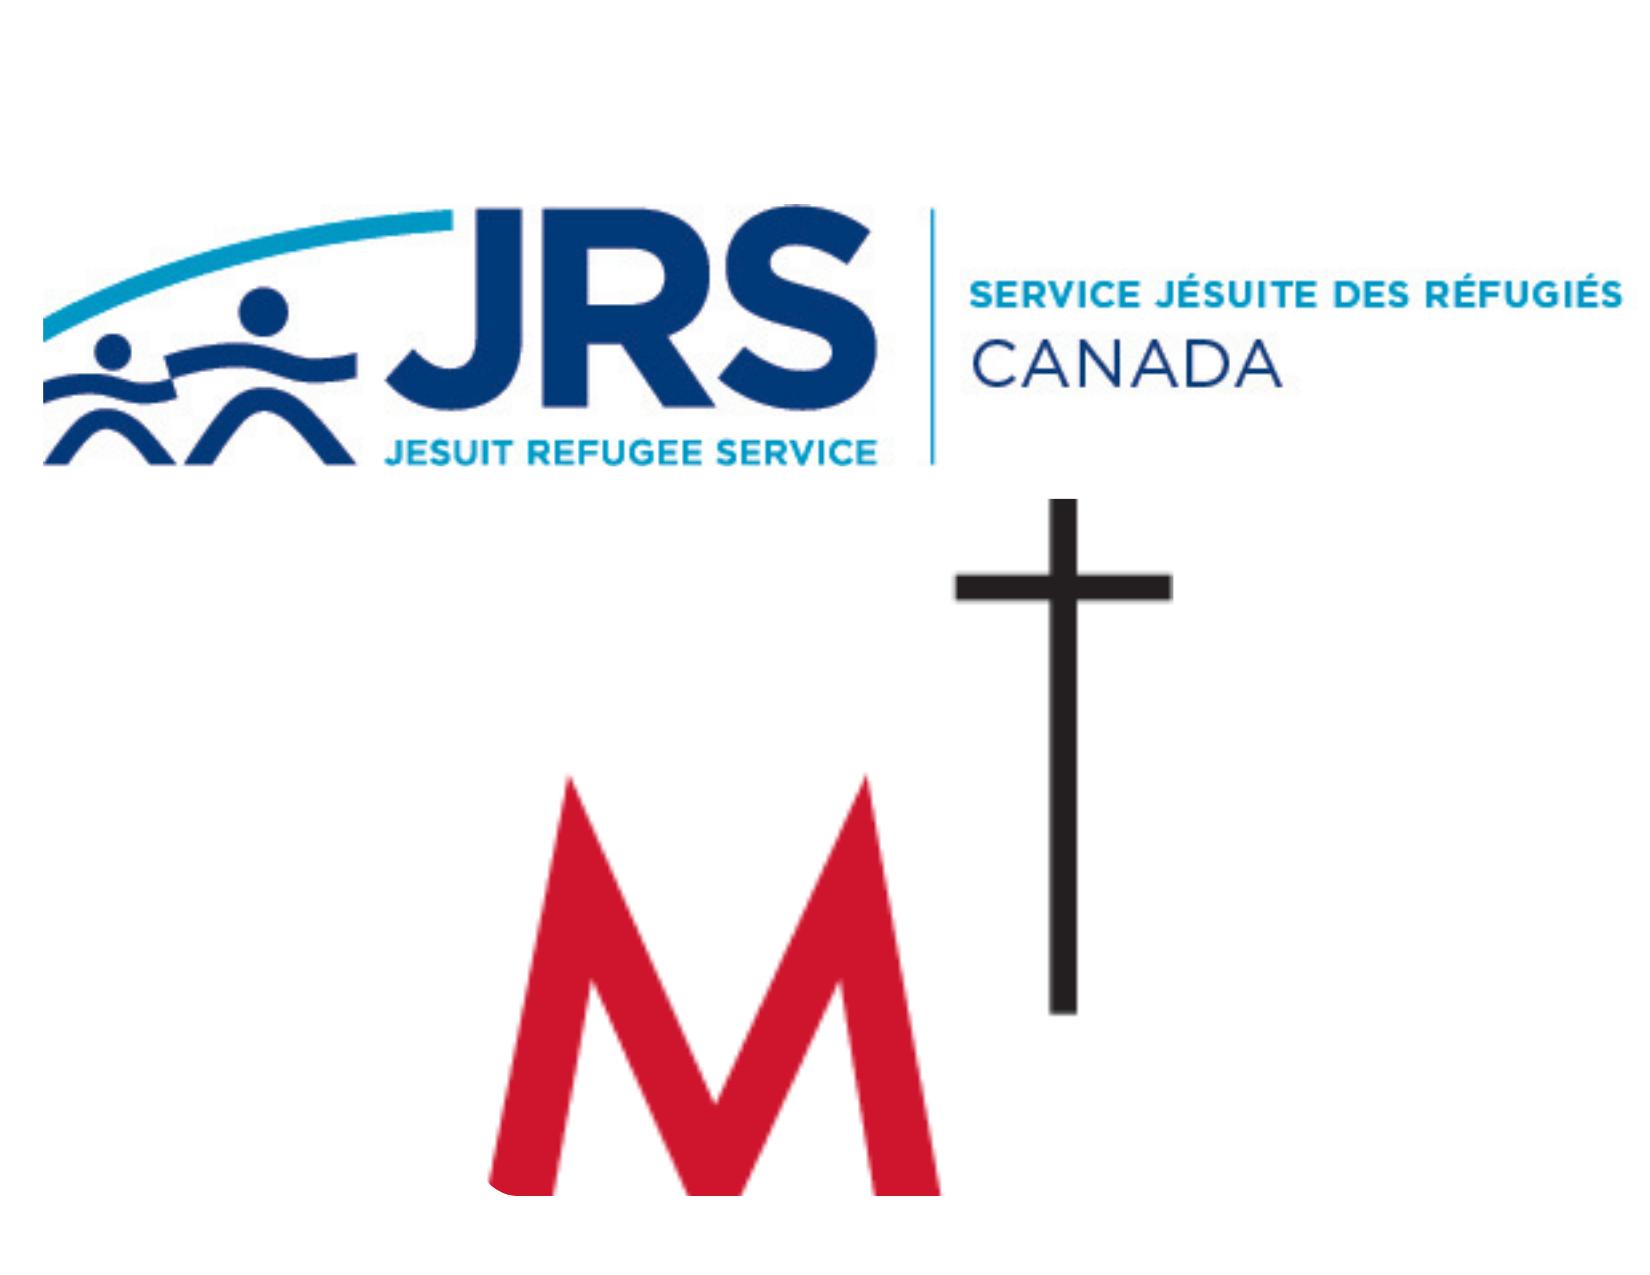 Service jésuite des réfugiés - Canada et l'Archidiocèse de Montréal